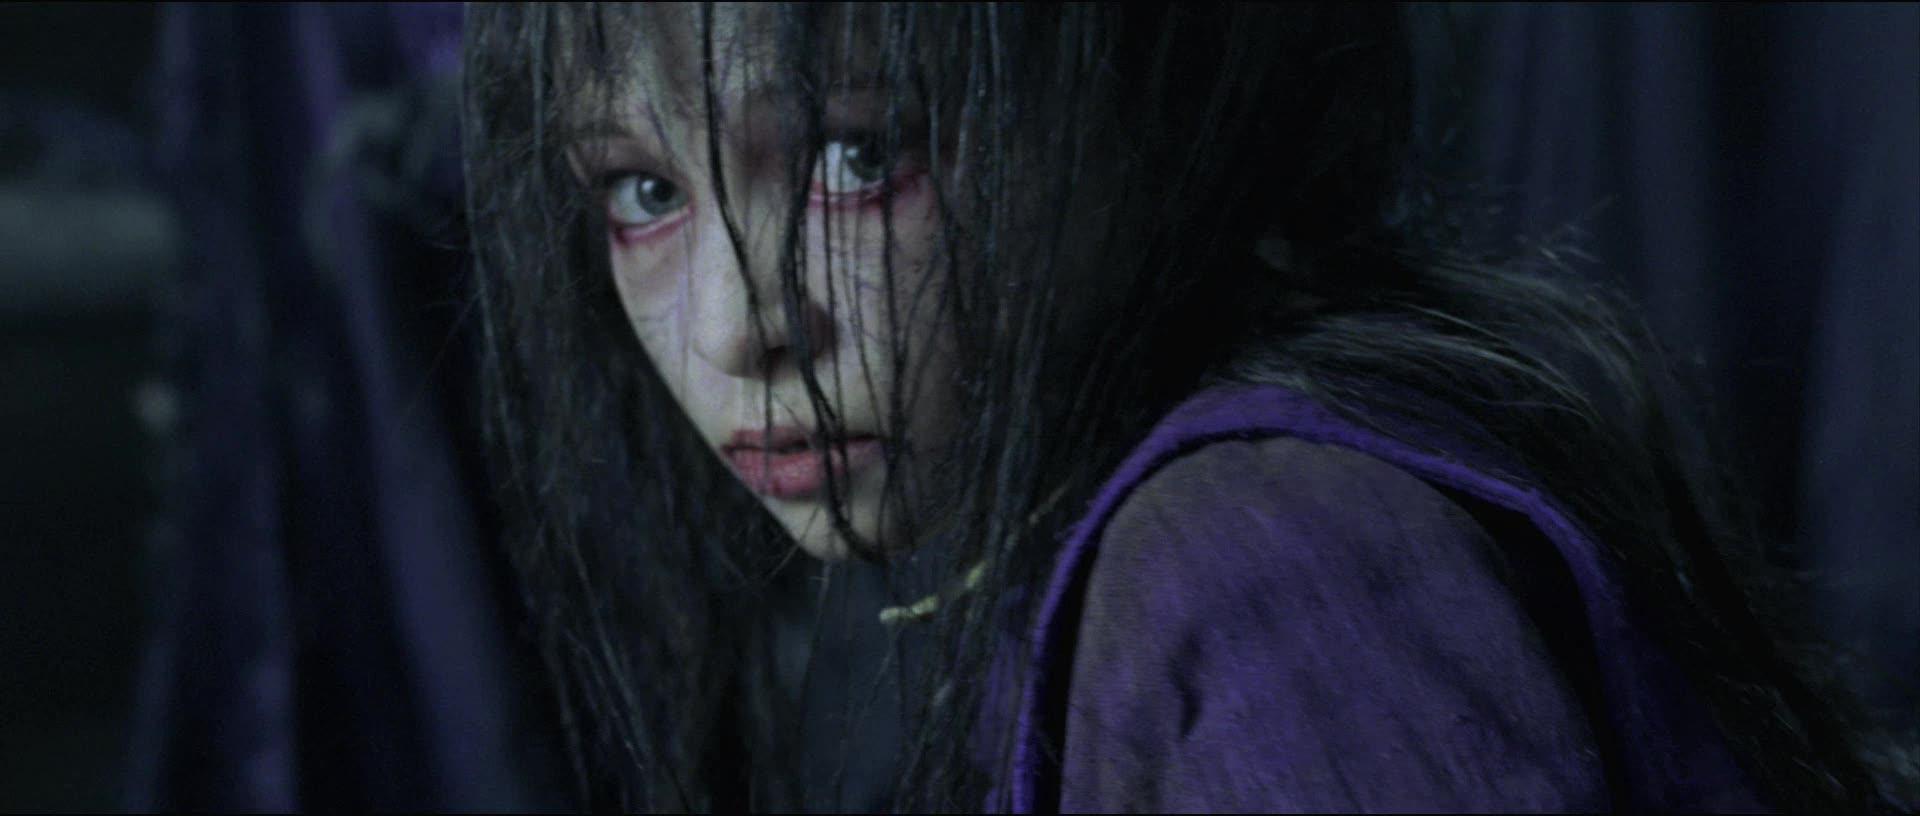 Jodelle Ferland v Silent Hill